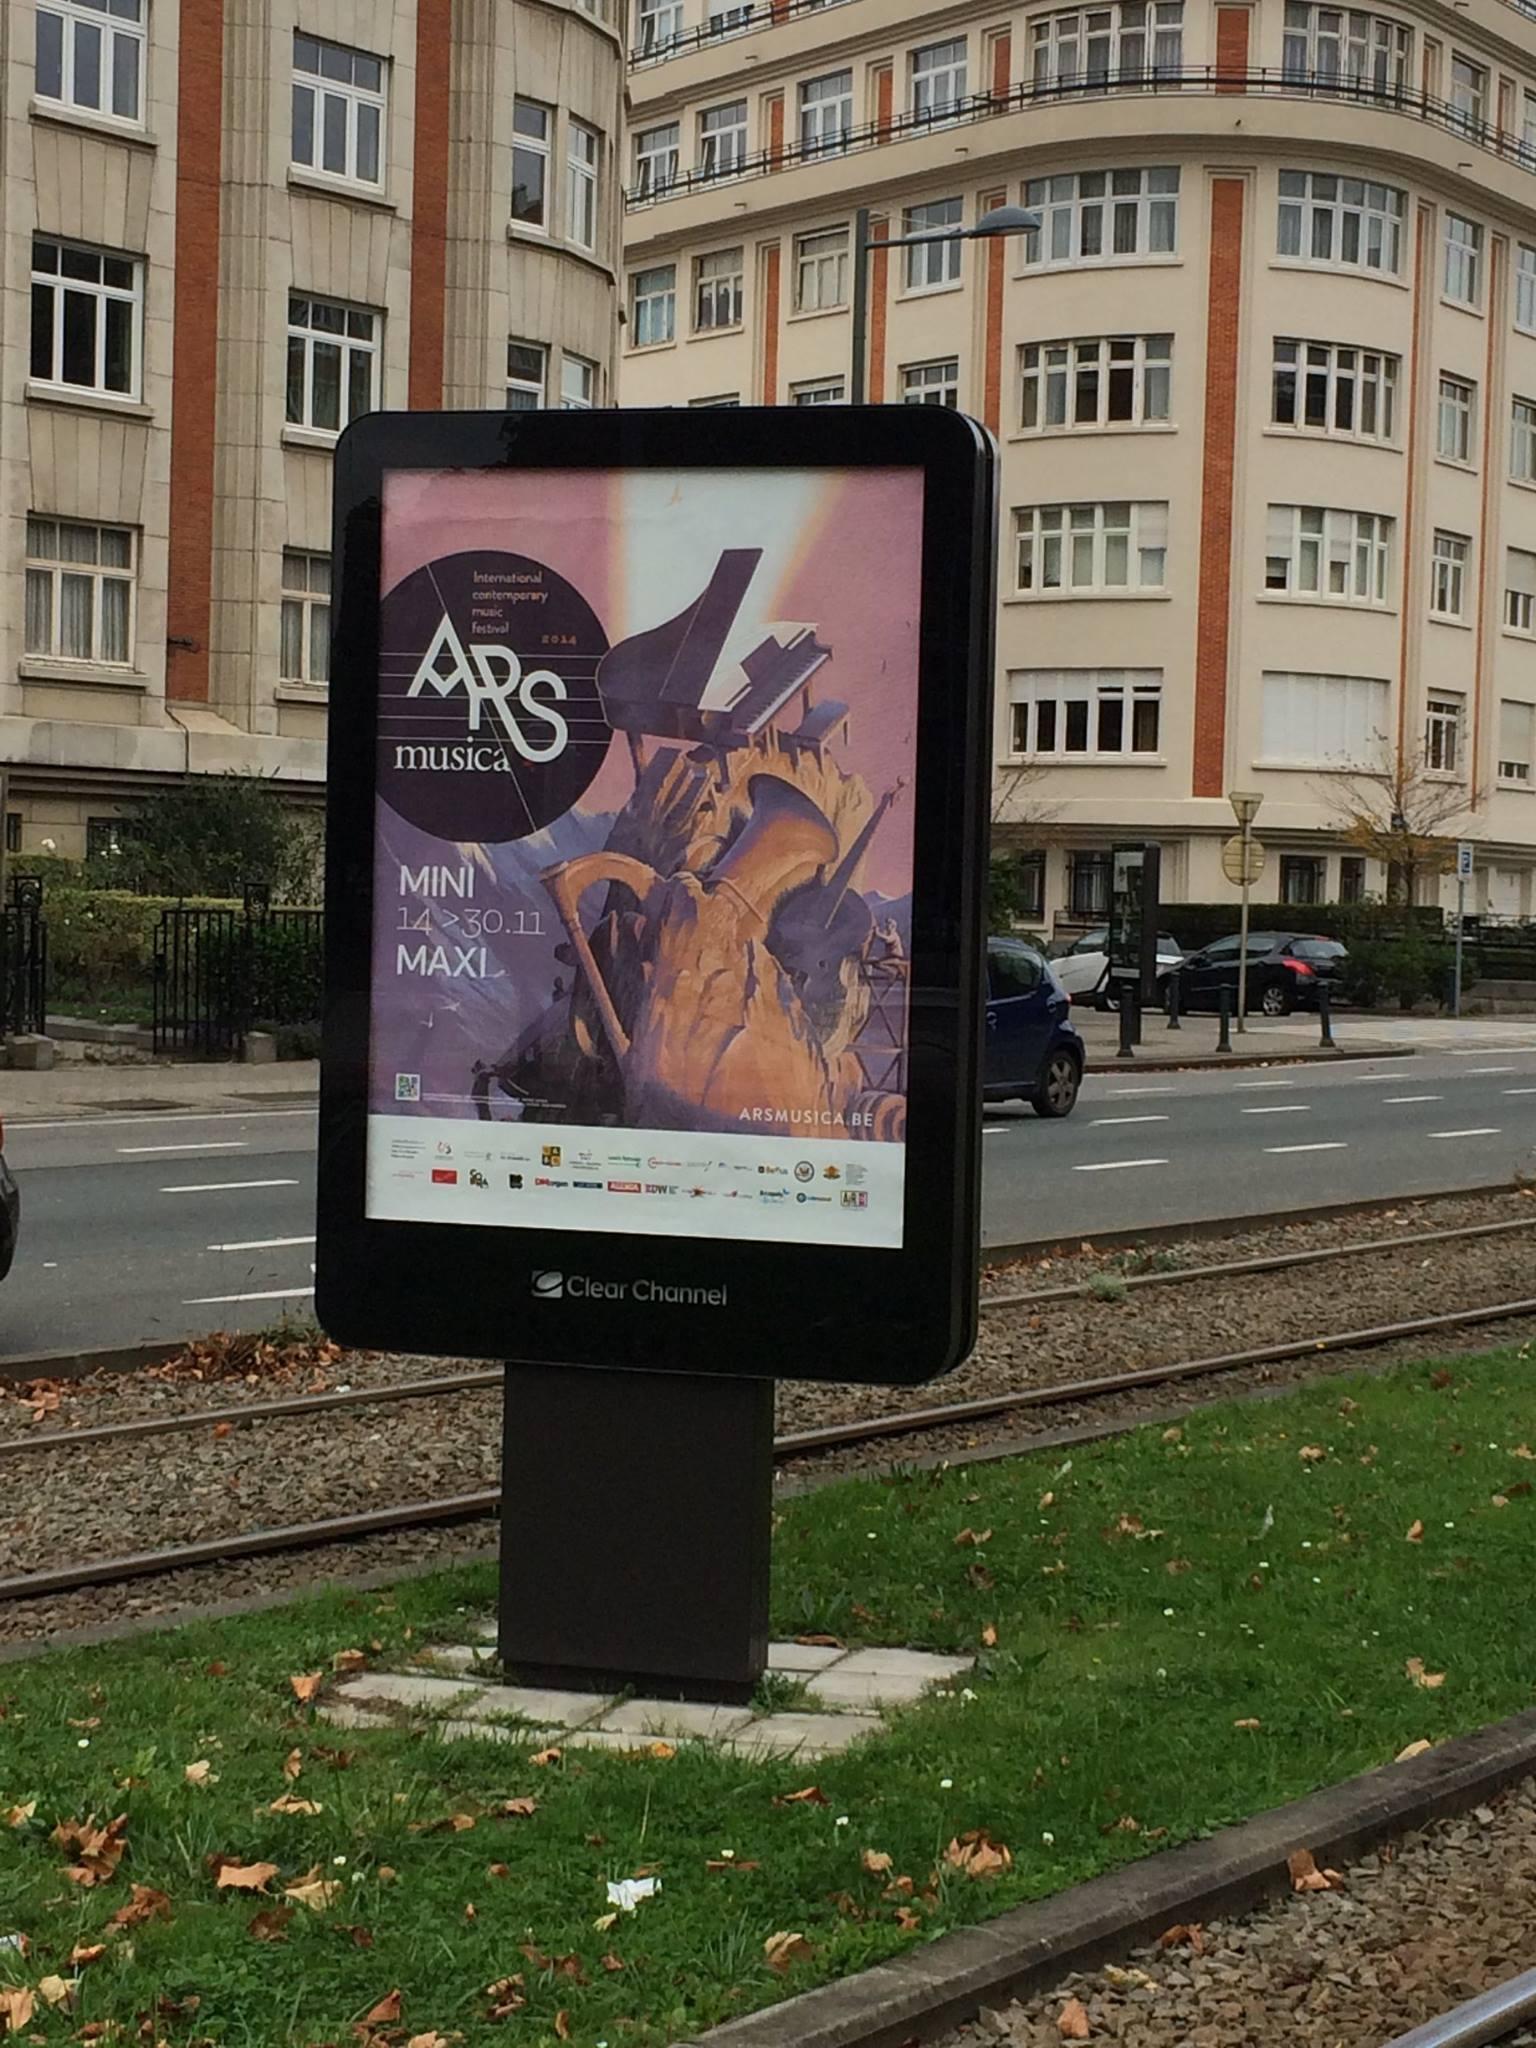 Ars Musica Mini-Maxi